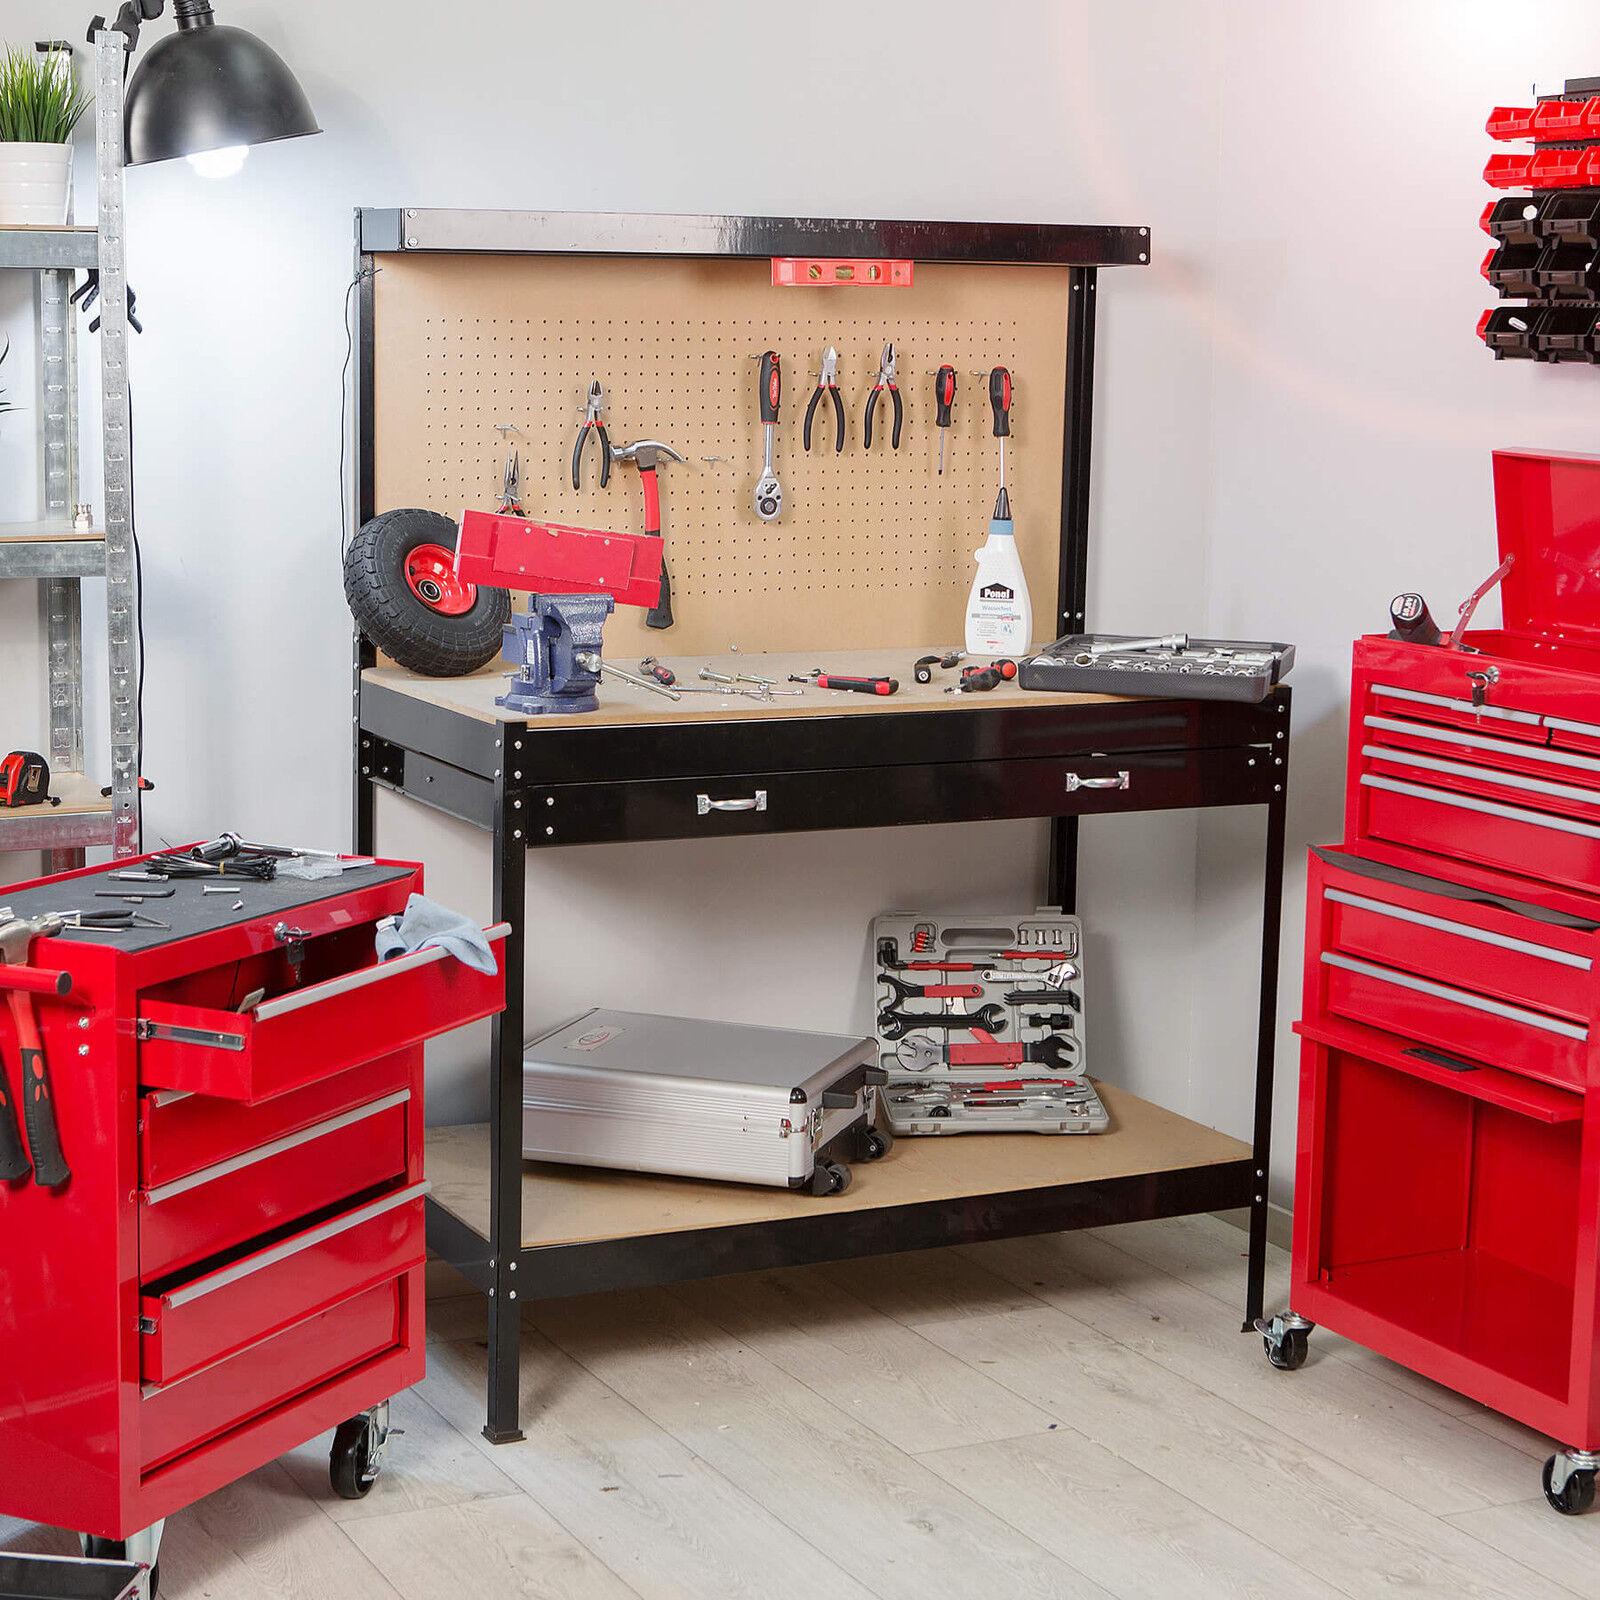 tabli d 39 atelier 156x60x120 cm avec panneau outils et tiroir de rangement eur 81 90. Black Bedroom Furniture Sets. Home Design Ideas